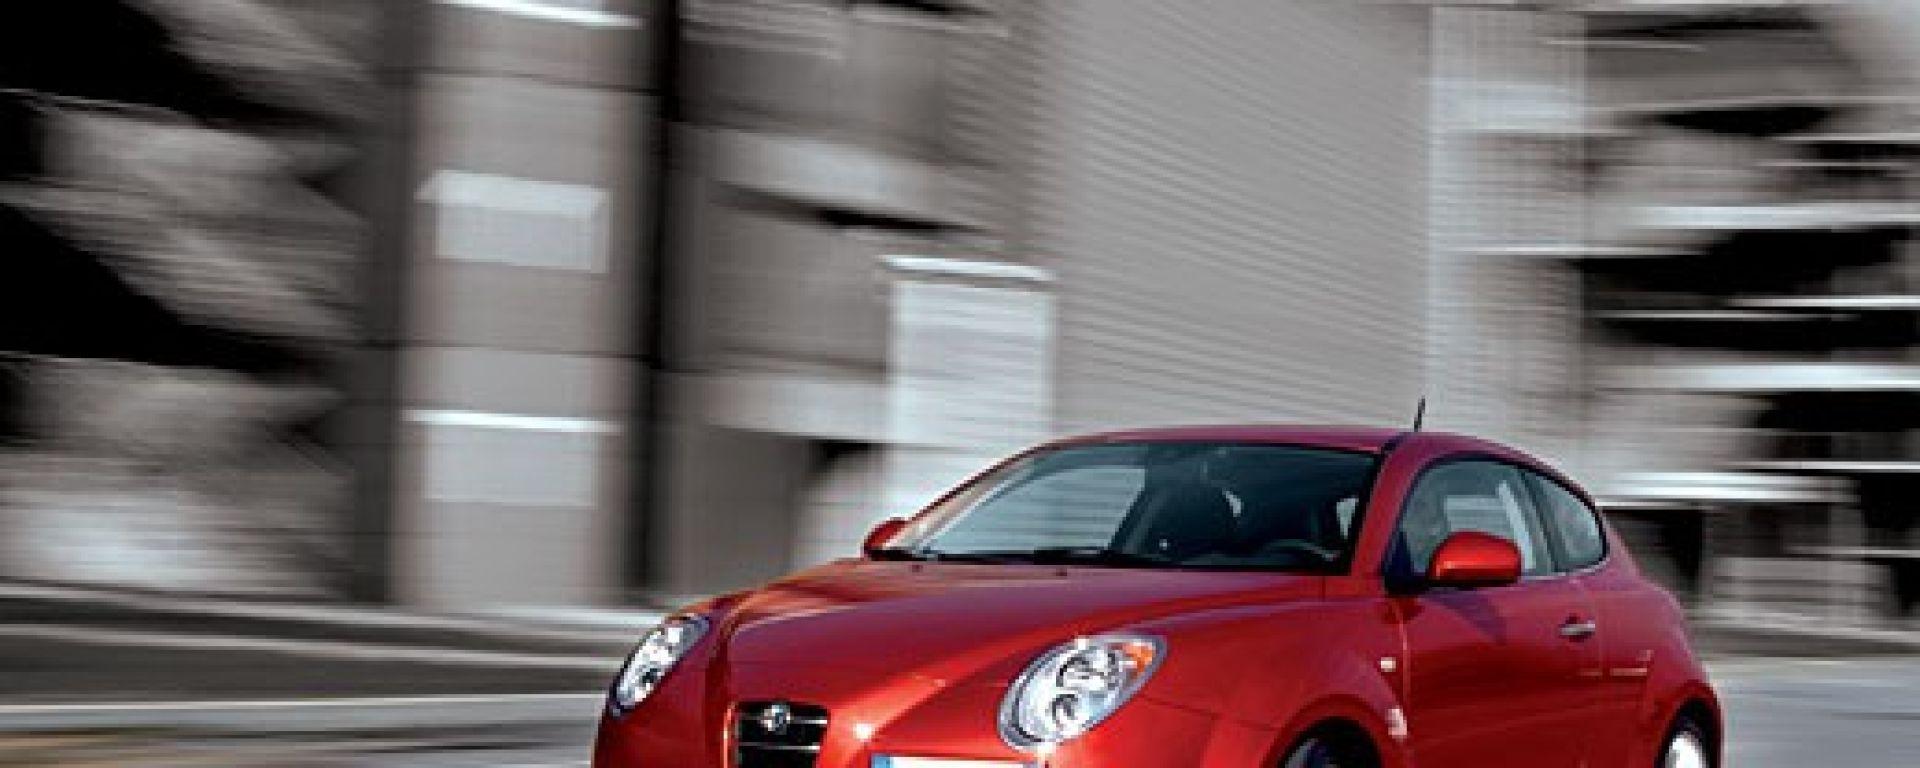 Alfa Romeo MiTo, 14 immagini in alta risoluzione